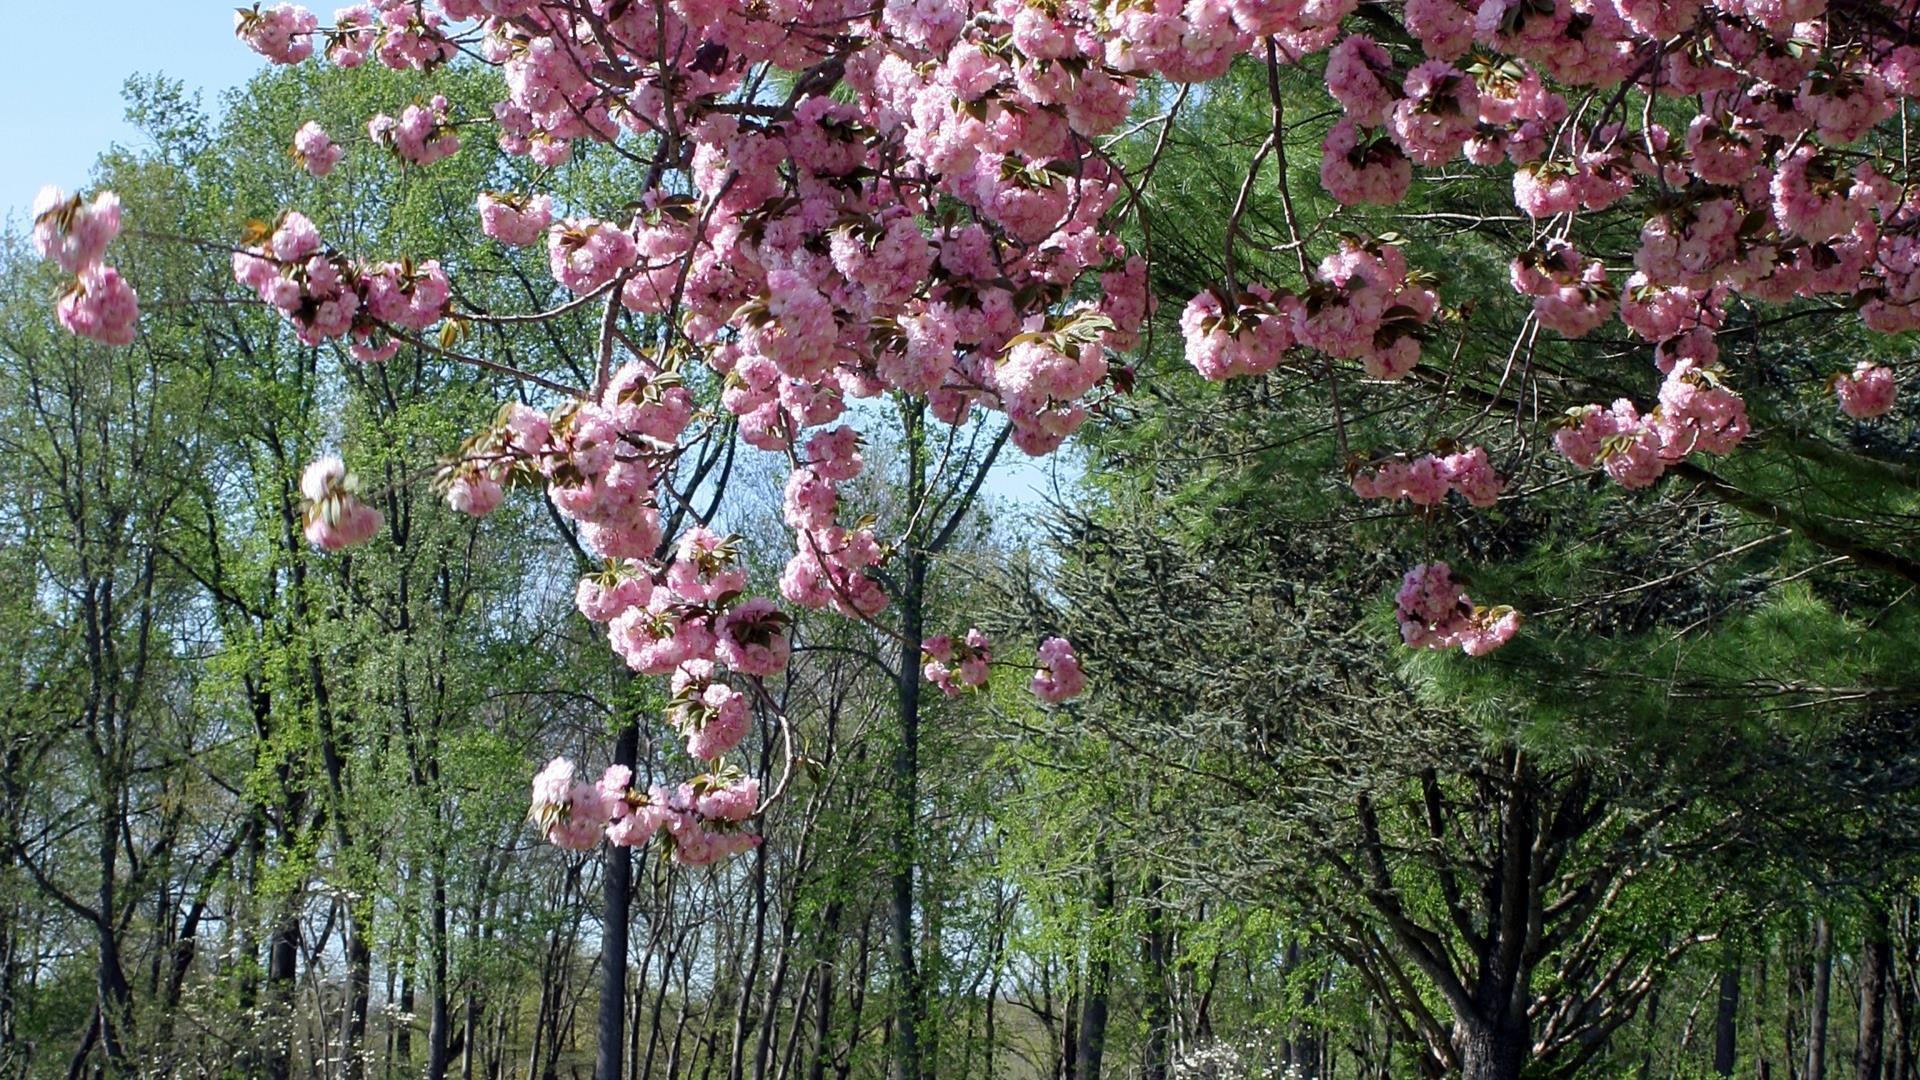 HD-fond-ecran-widescreen-arbres-couleurs-de-la-foret-3